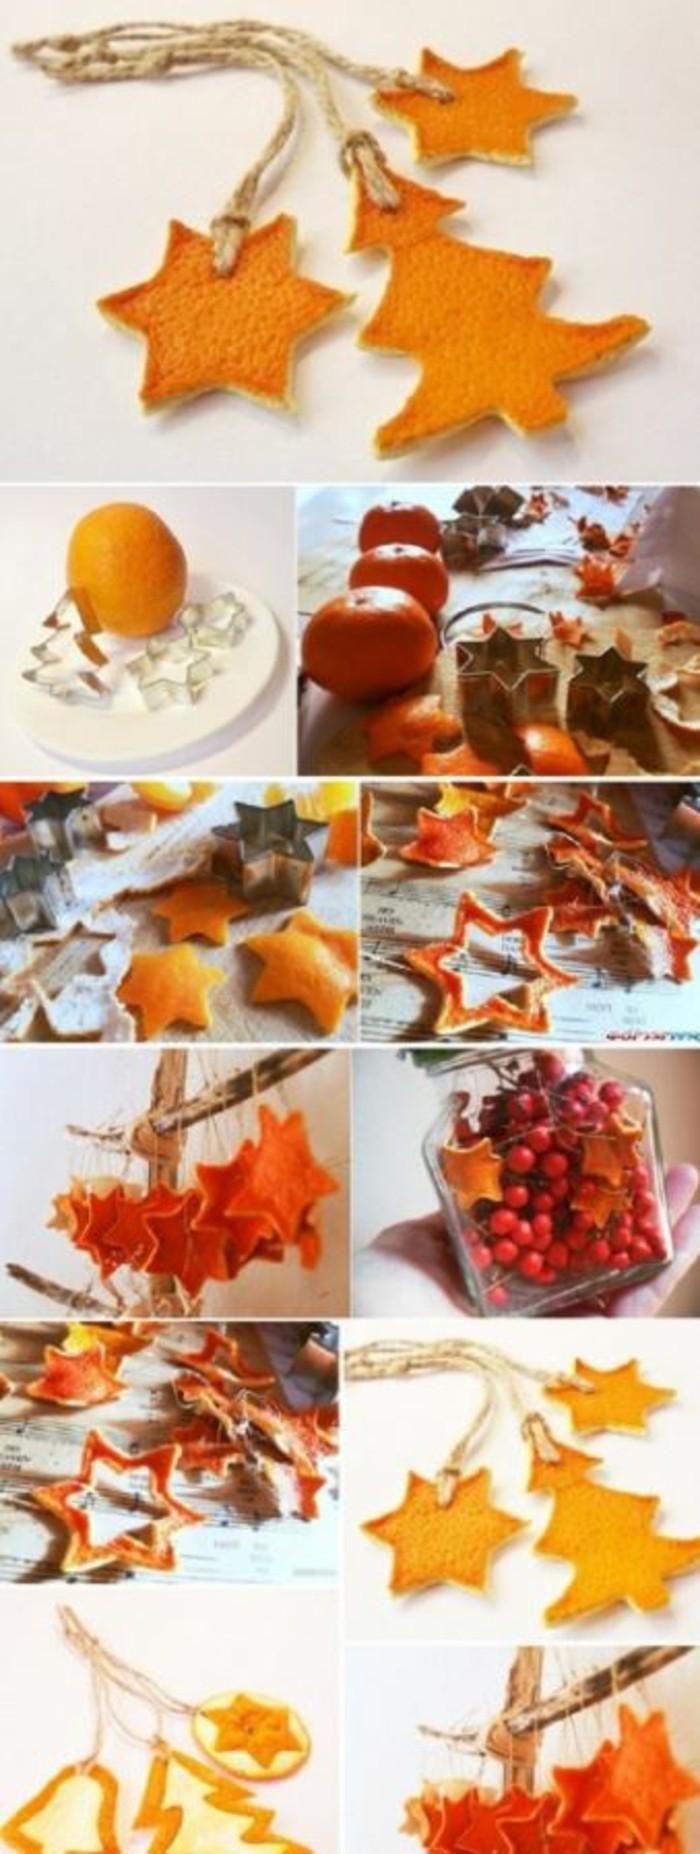 weihnachtsschmuckbasteln mit naturmaterialien aus orangenschale